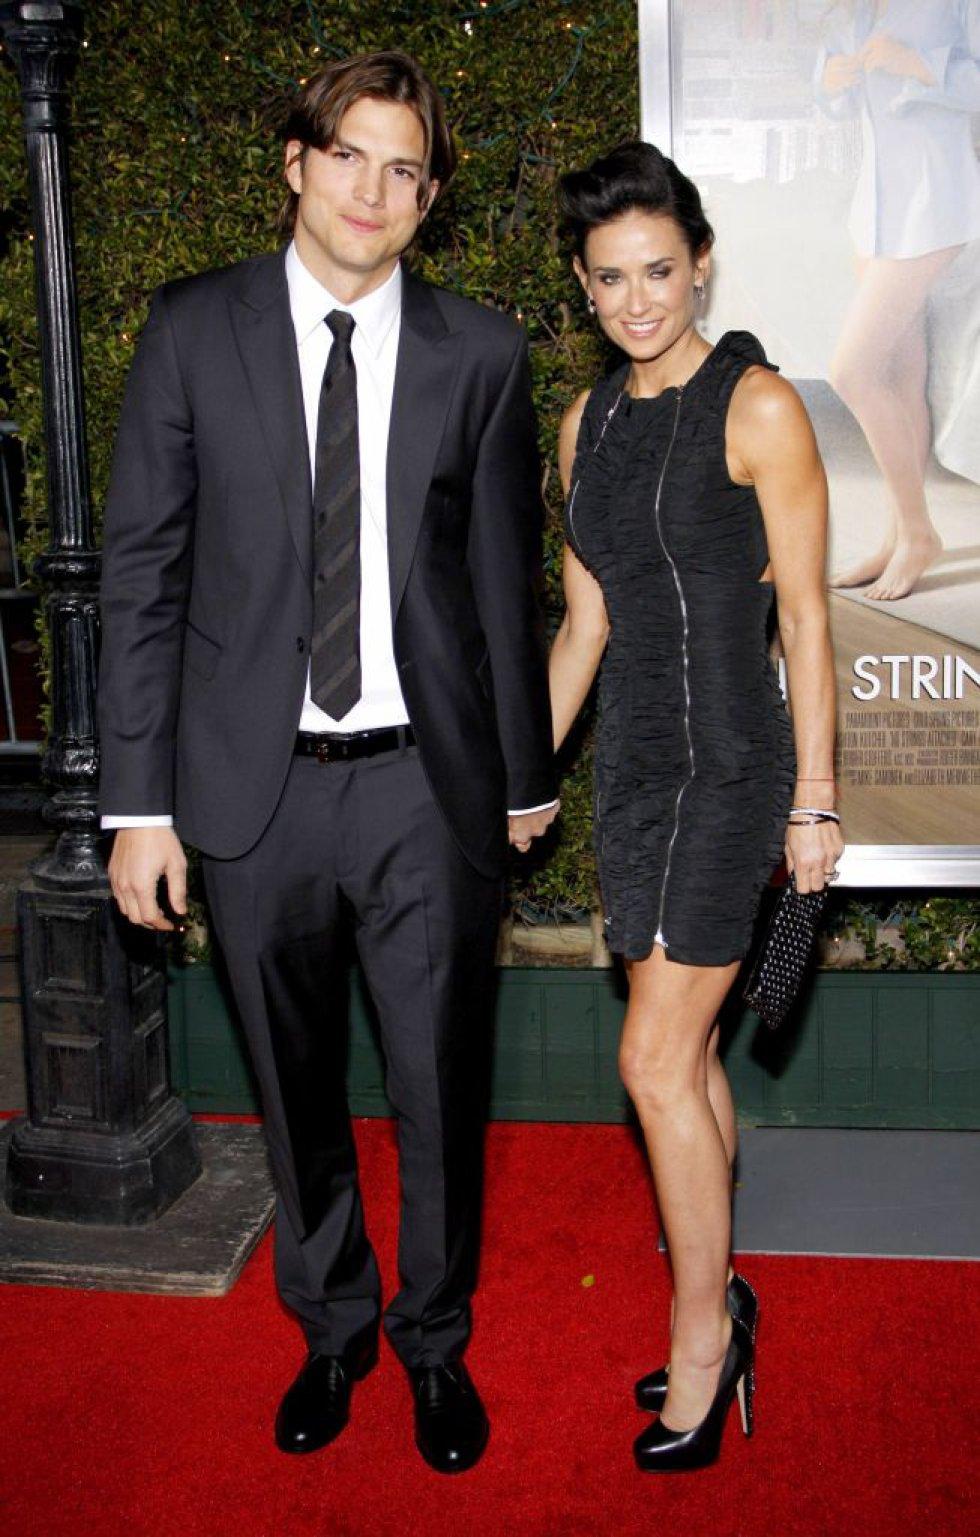 Demi Moore acusó a Ashton Kutcher de haberle sido infiel mientras estuvieron casados. Además, dijo que el actor la obligaba a hacer tríos sexuales.